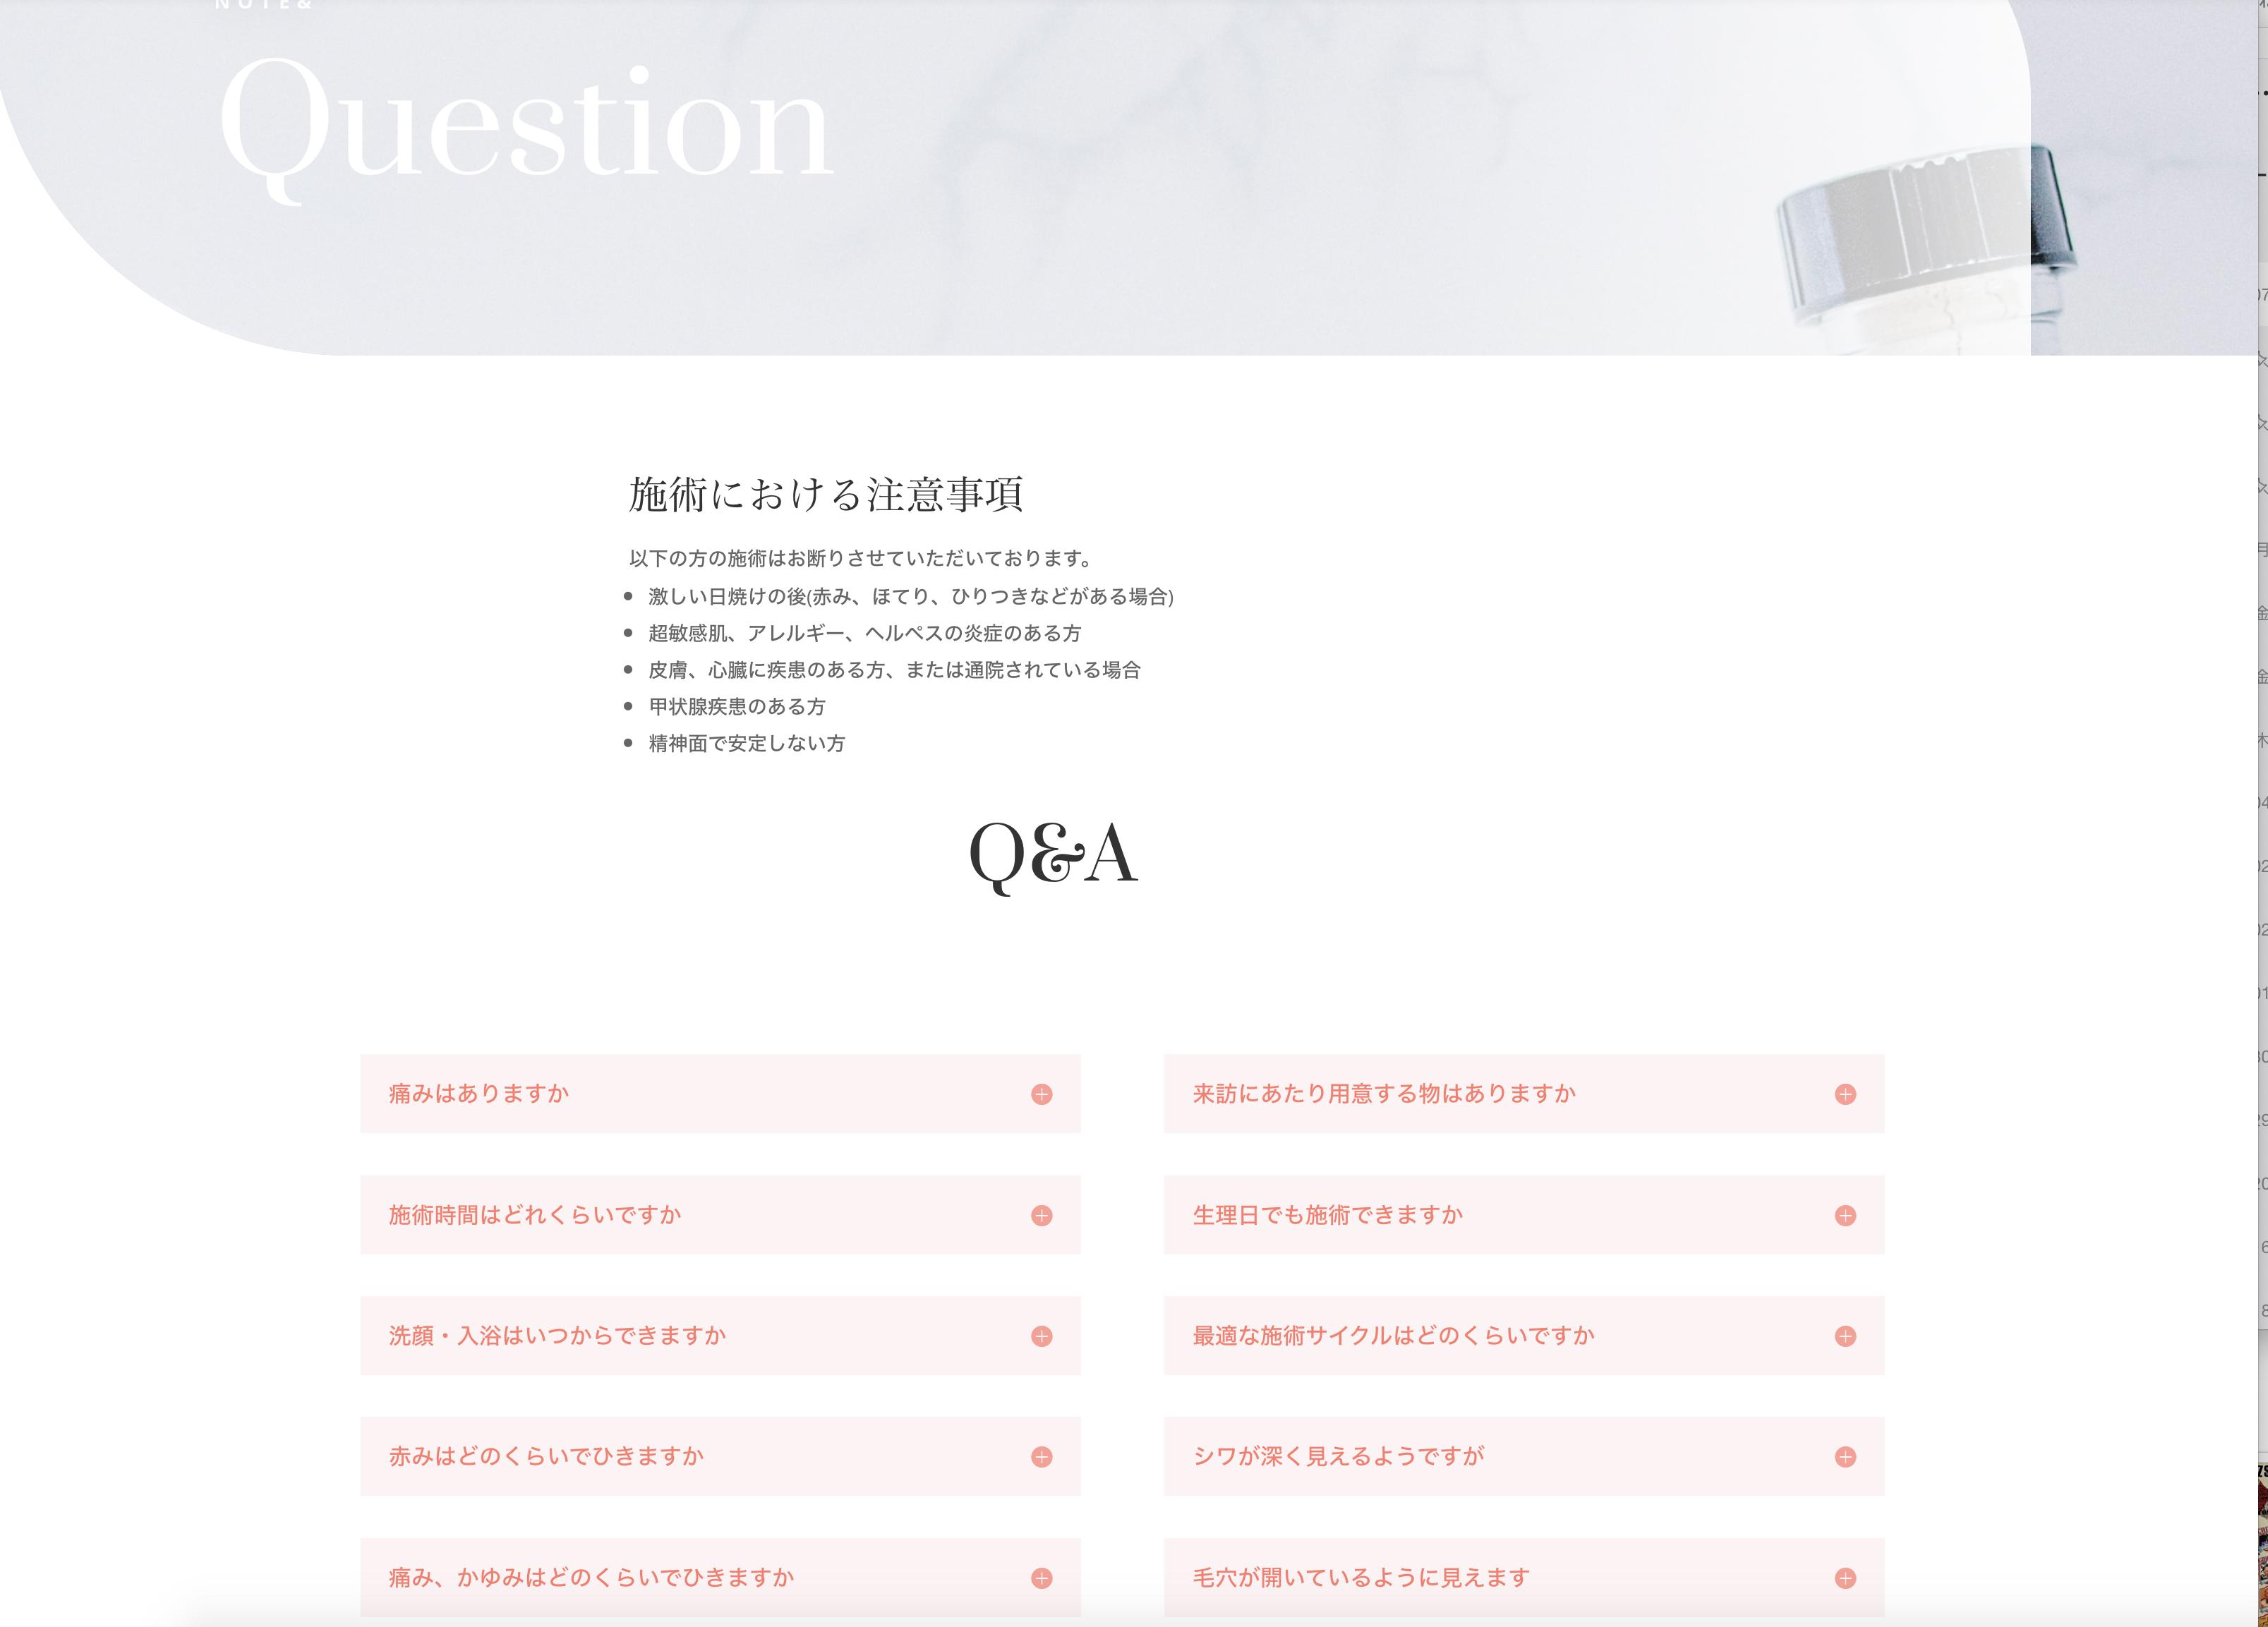 FCR専門サロン ange サイト制作 名古屋市東区のホームページ制作 パンフレット制作 ポスター制作会社のOaK 制作実績